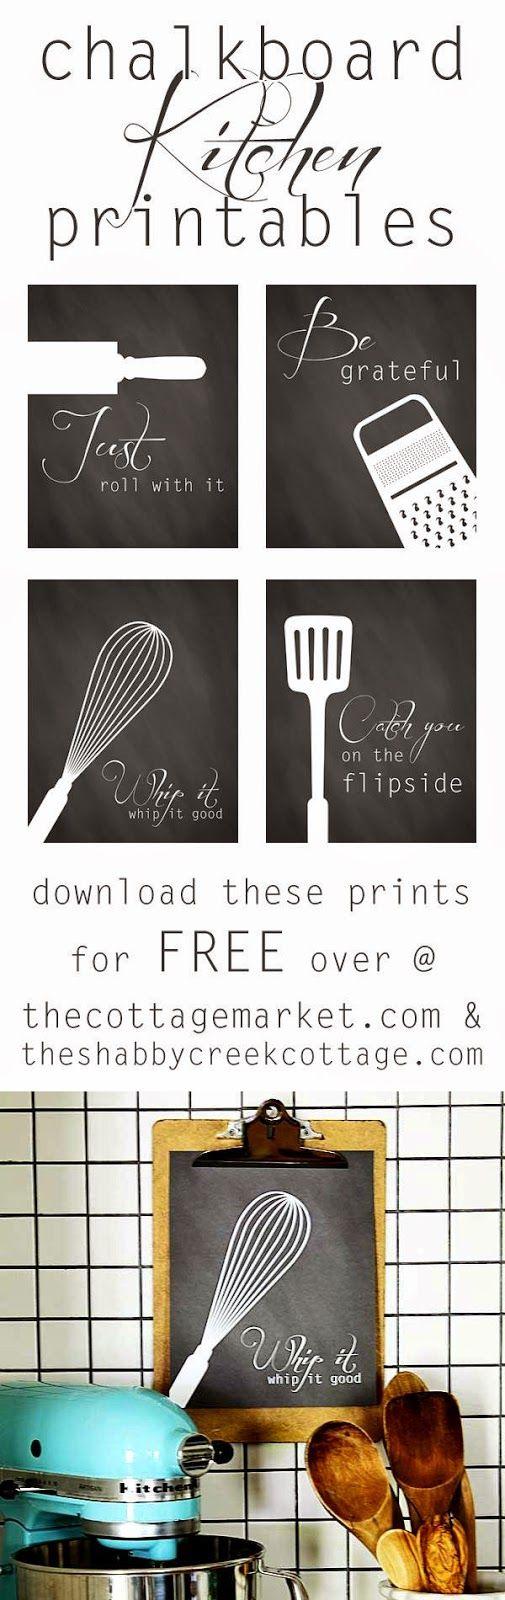 98 best Crafts: Chalkboard images on Pinterest | Chalkboard ideas ...